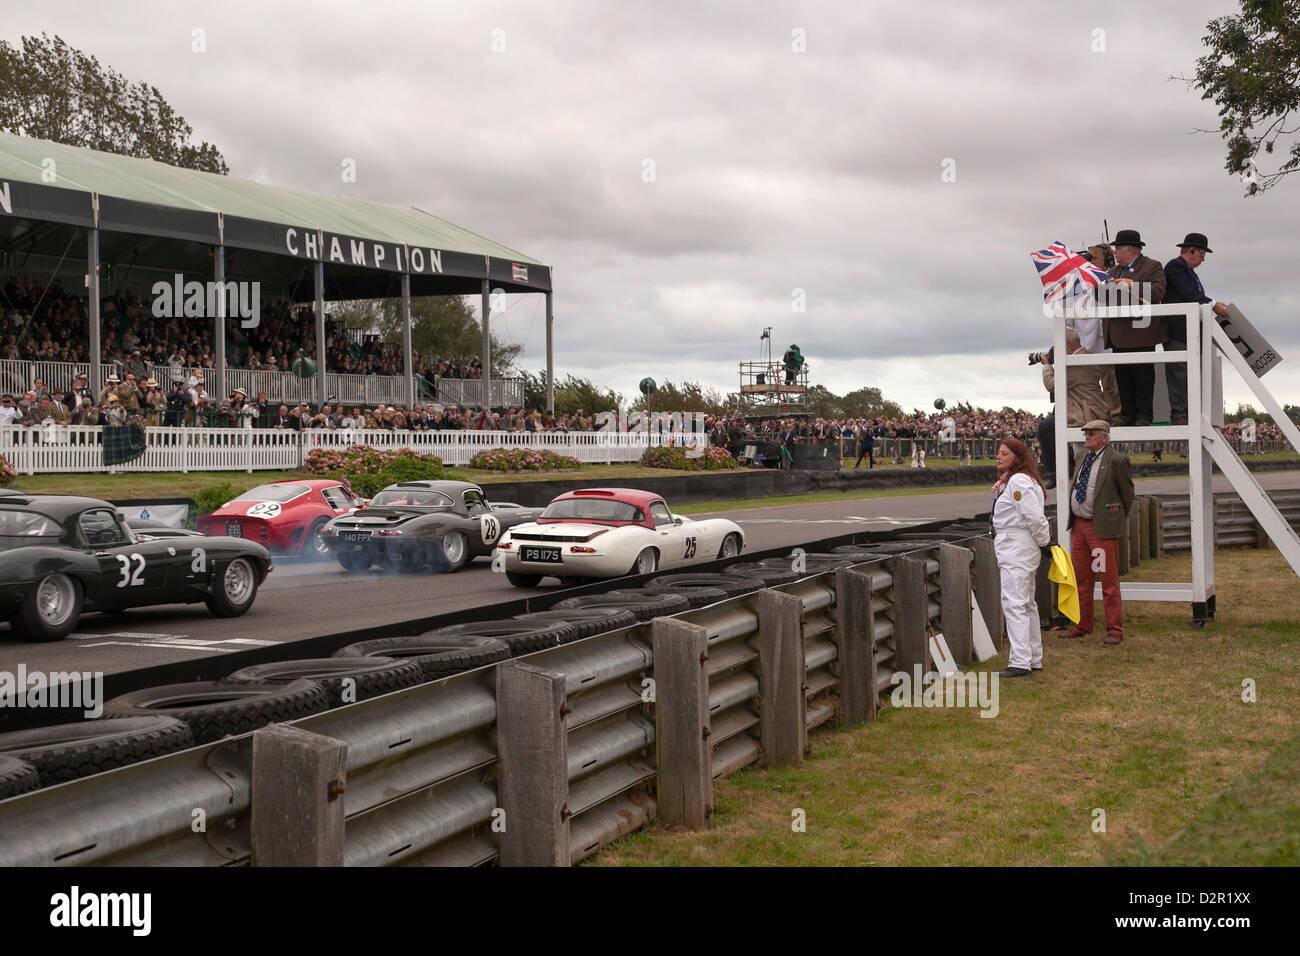 Beginn der TT Sportwagen-Rennen beim Goodwood Revival Rennen treffen Stockbild